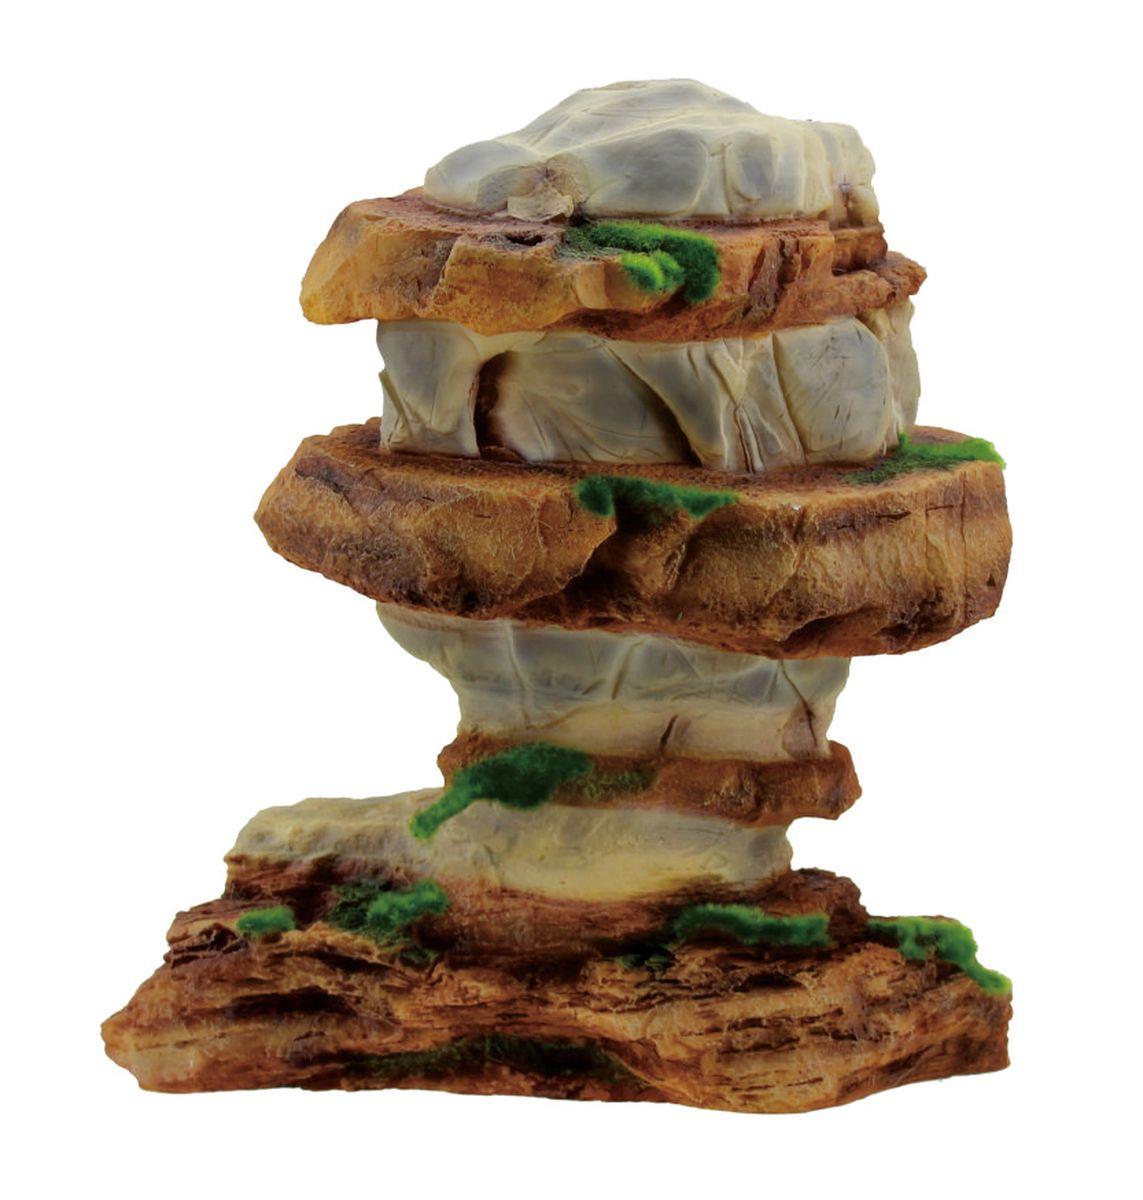 Декорация для аквариума ArtUniq Древняя скала, 27 x 12 x 21,5 смART-3116230Декорация для аквариума ArtUniq Древняя скала, 27 x 12 x 21,5 см